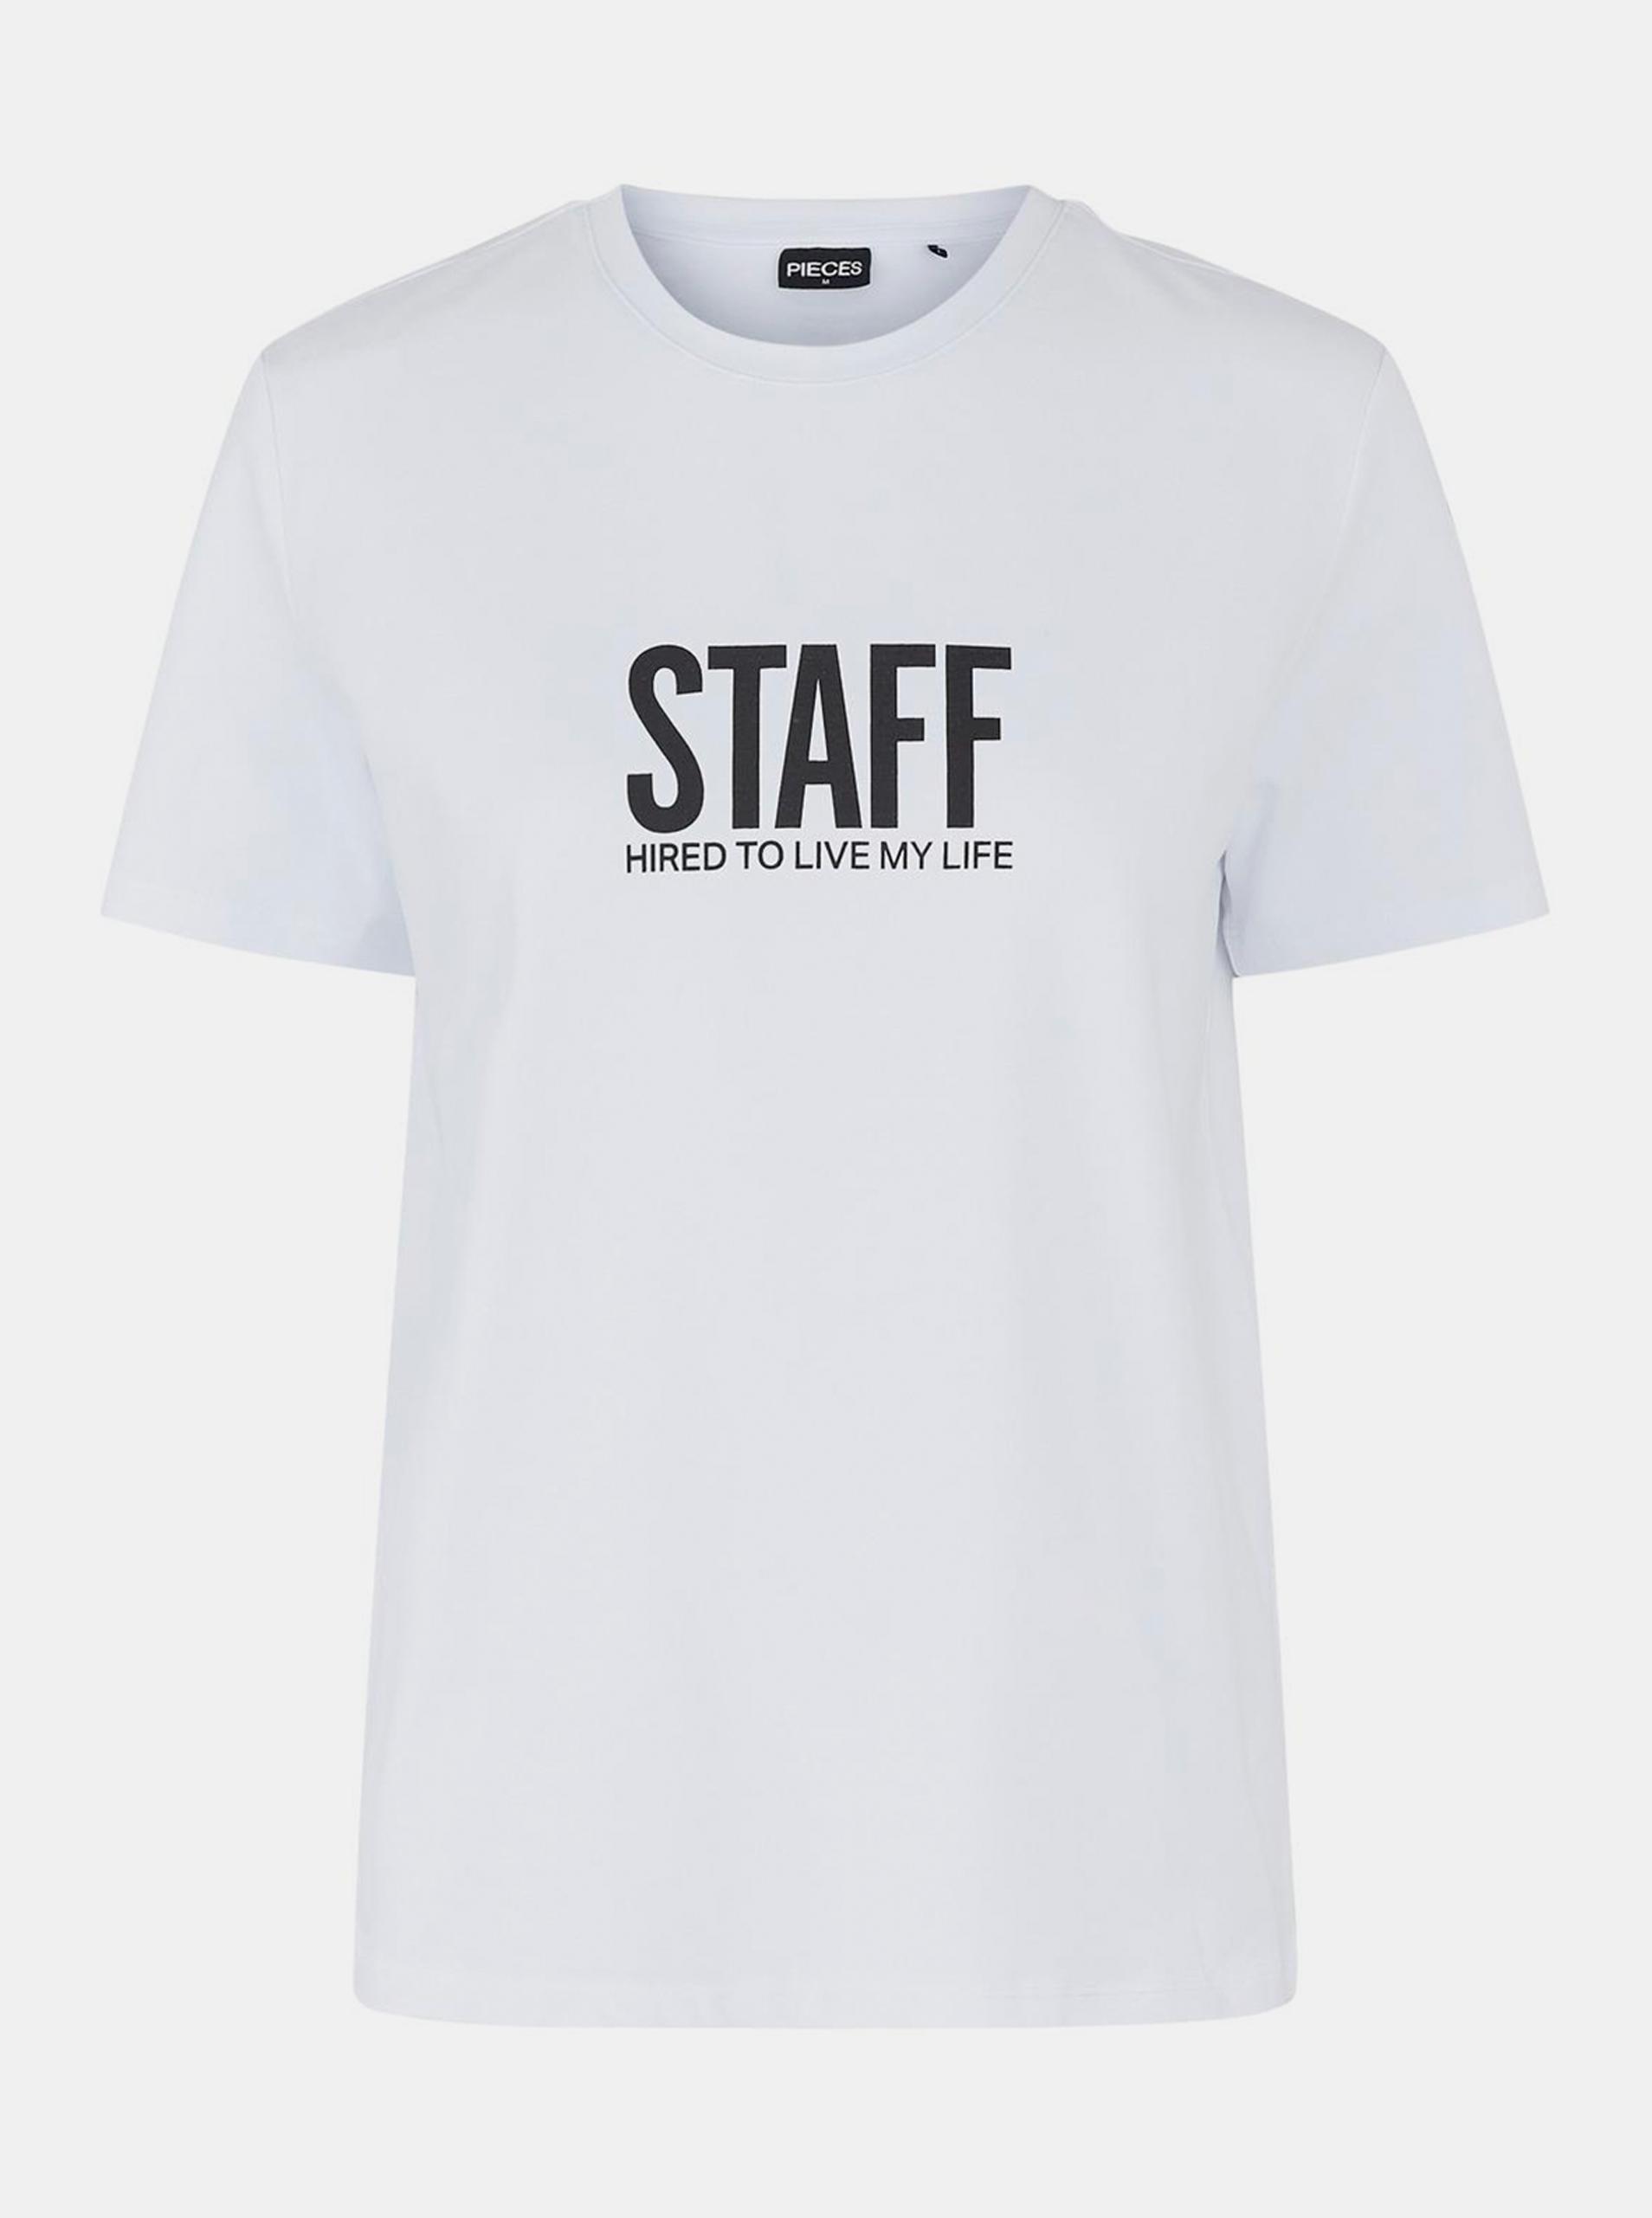 Pieces bianco da donna maglietta con stampa